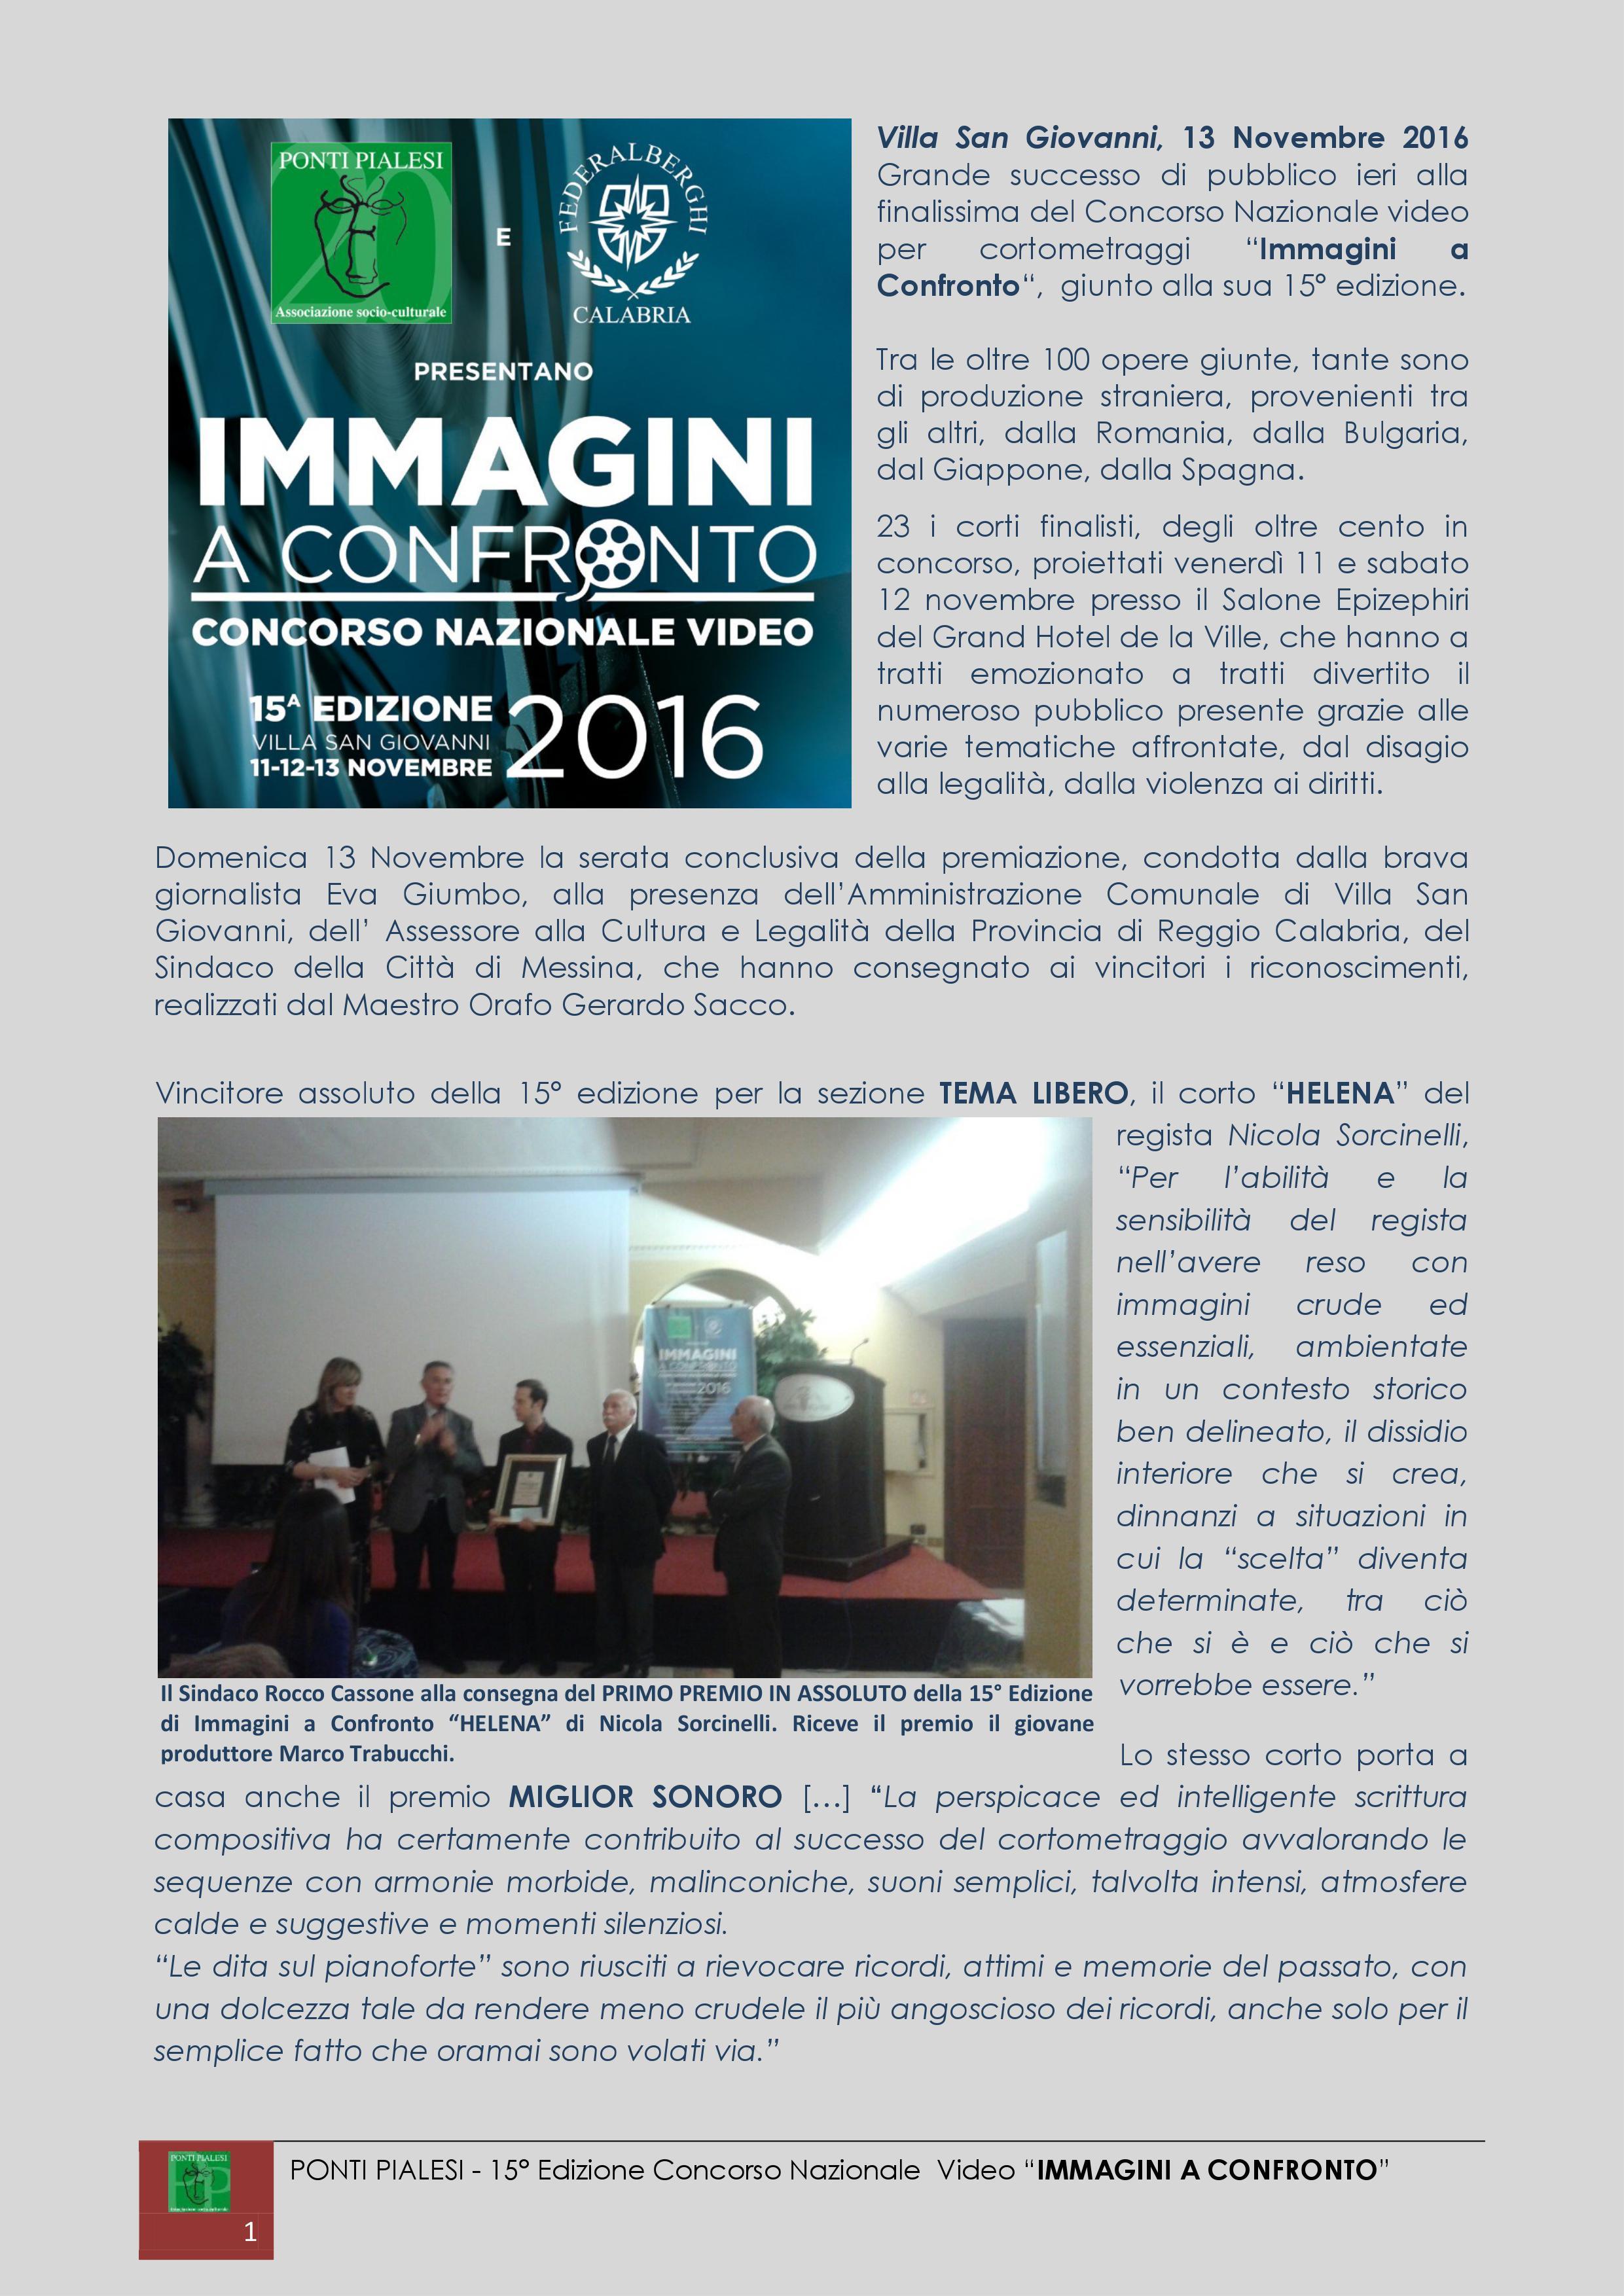 PONTI PIALESI - PREMIAZIONE  IMMAGINI A CONFRONTO 2016